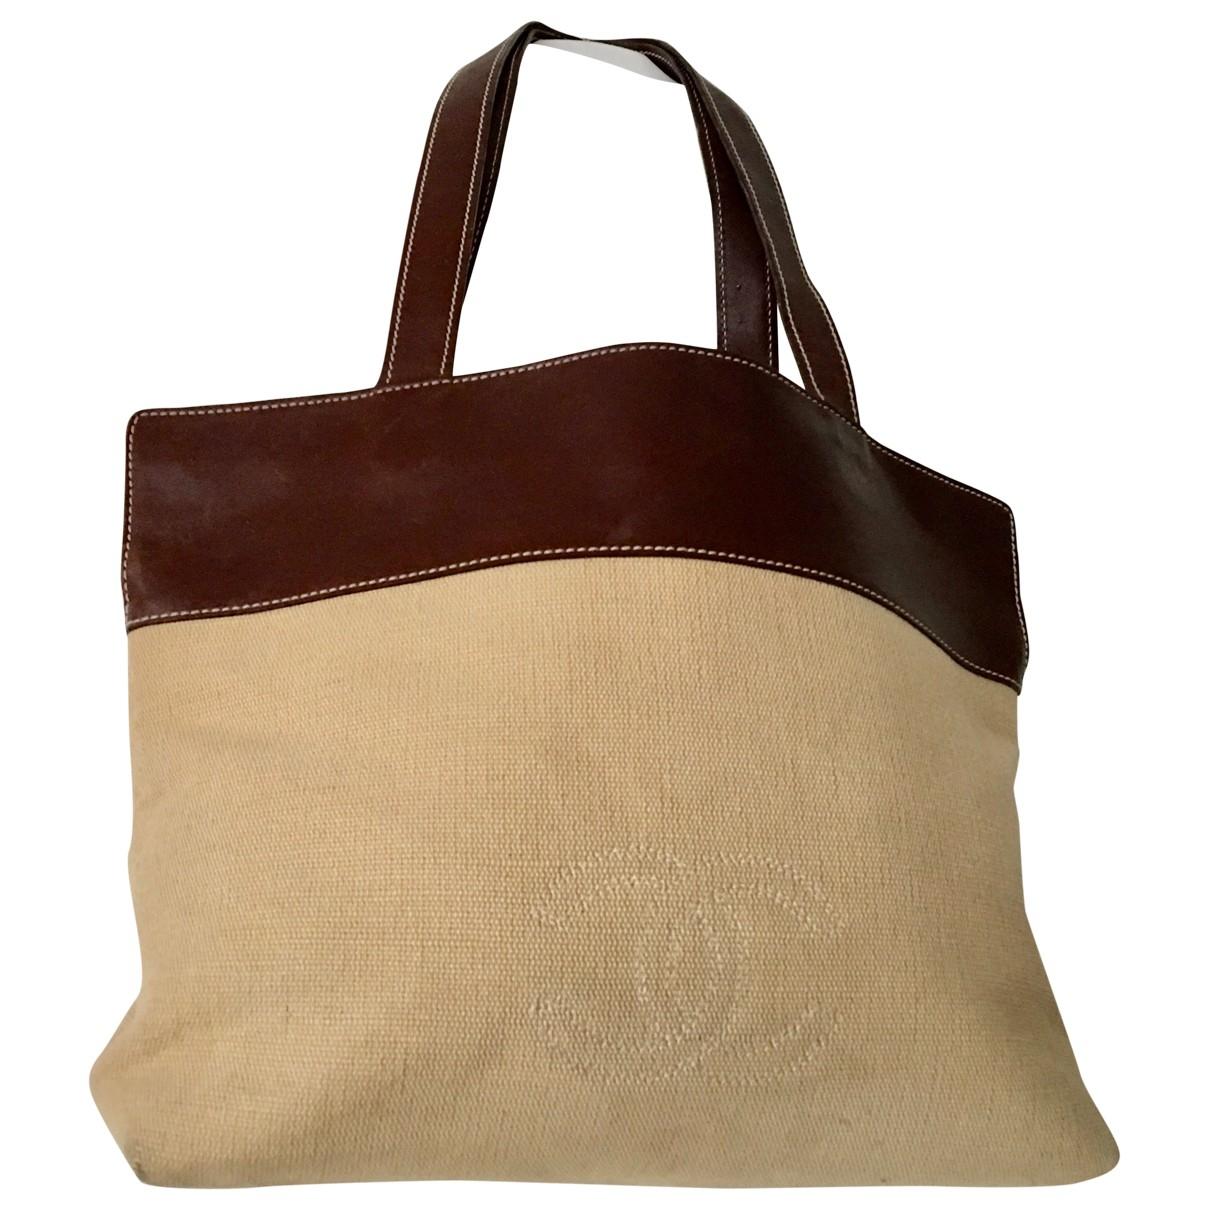 Chanel \N Beige Cloth handbag for Women \N